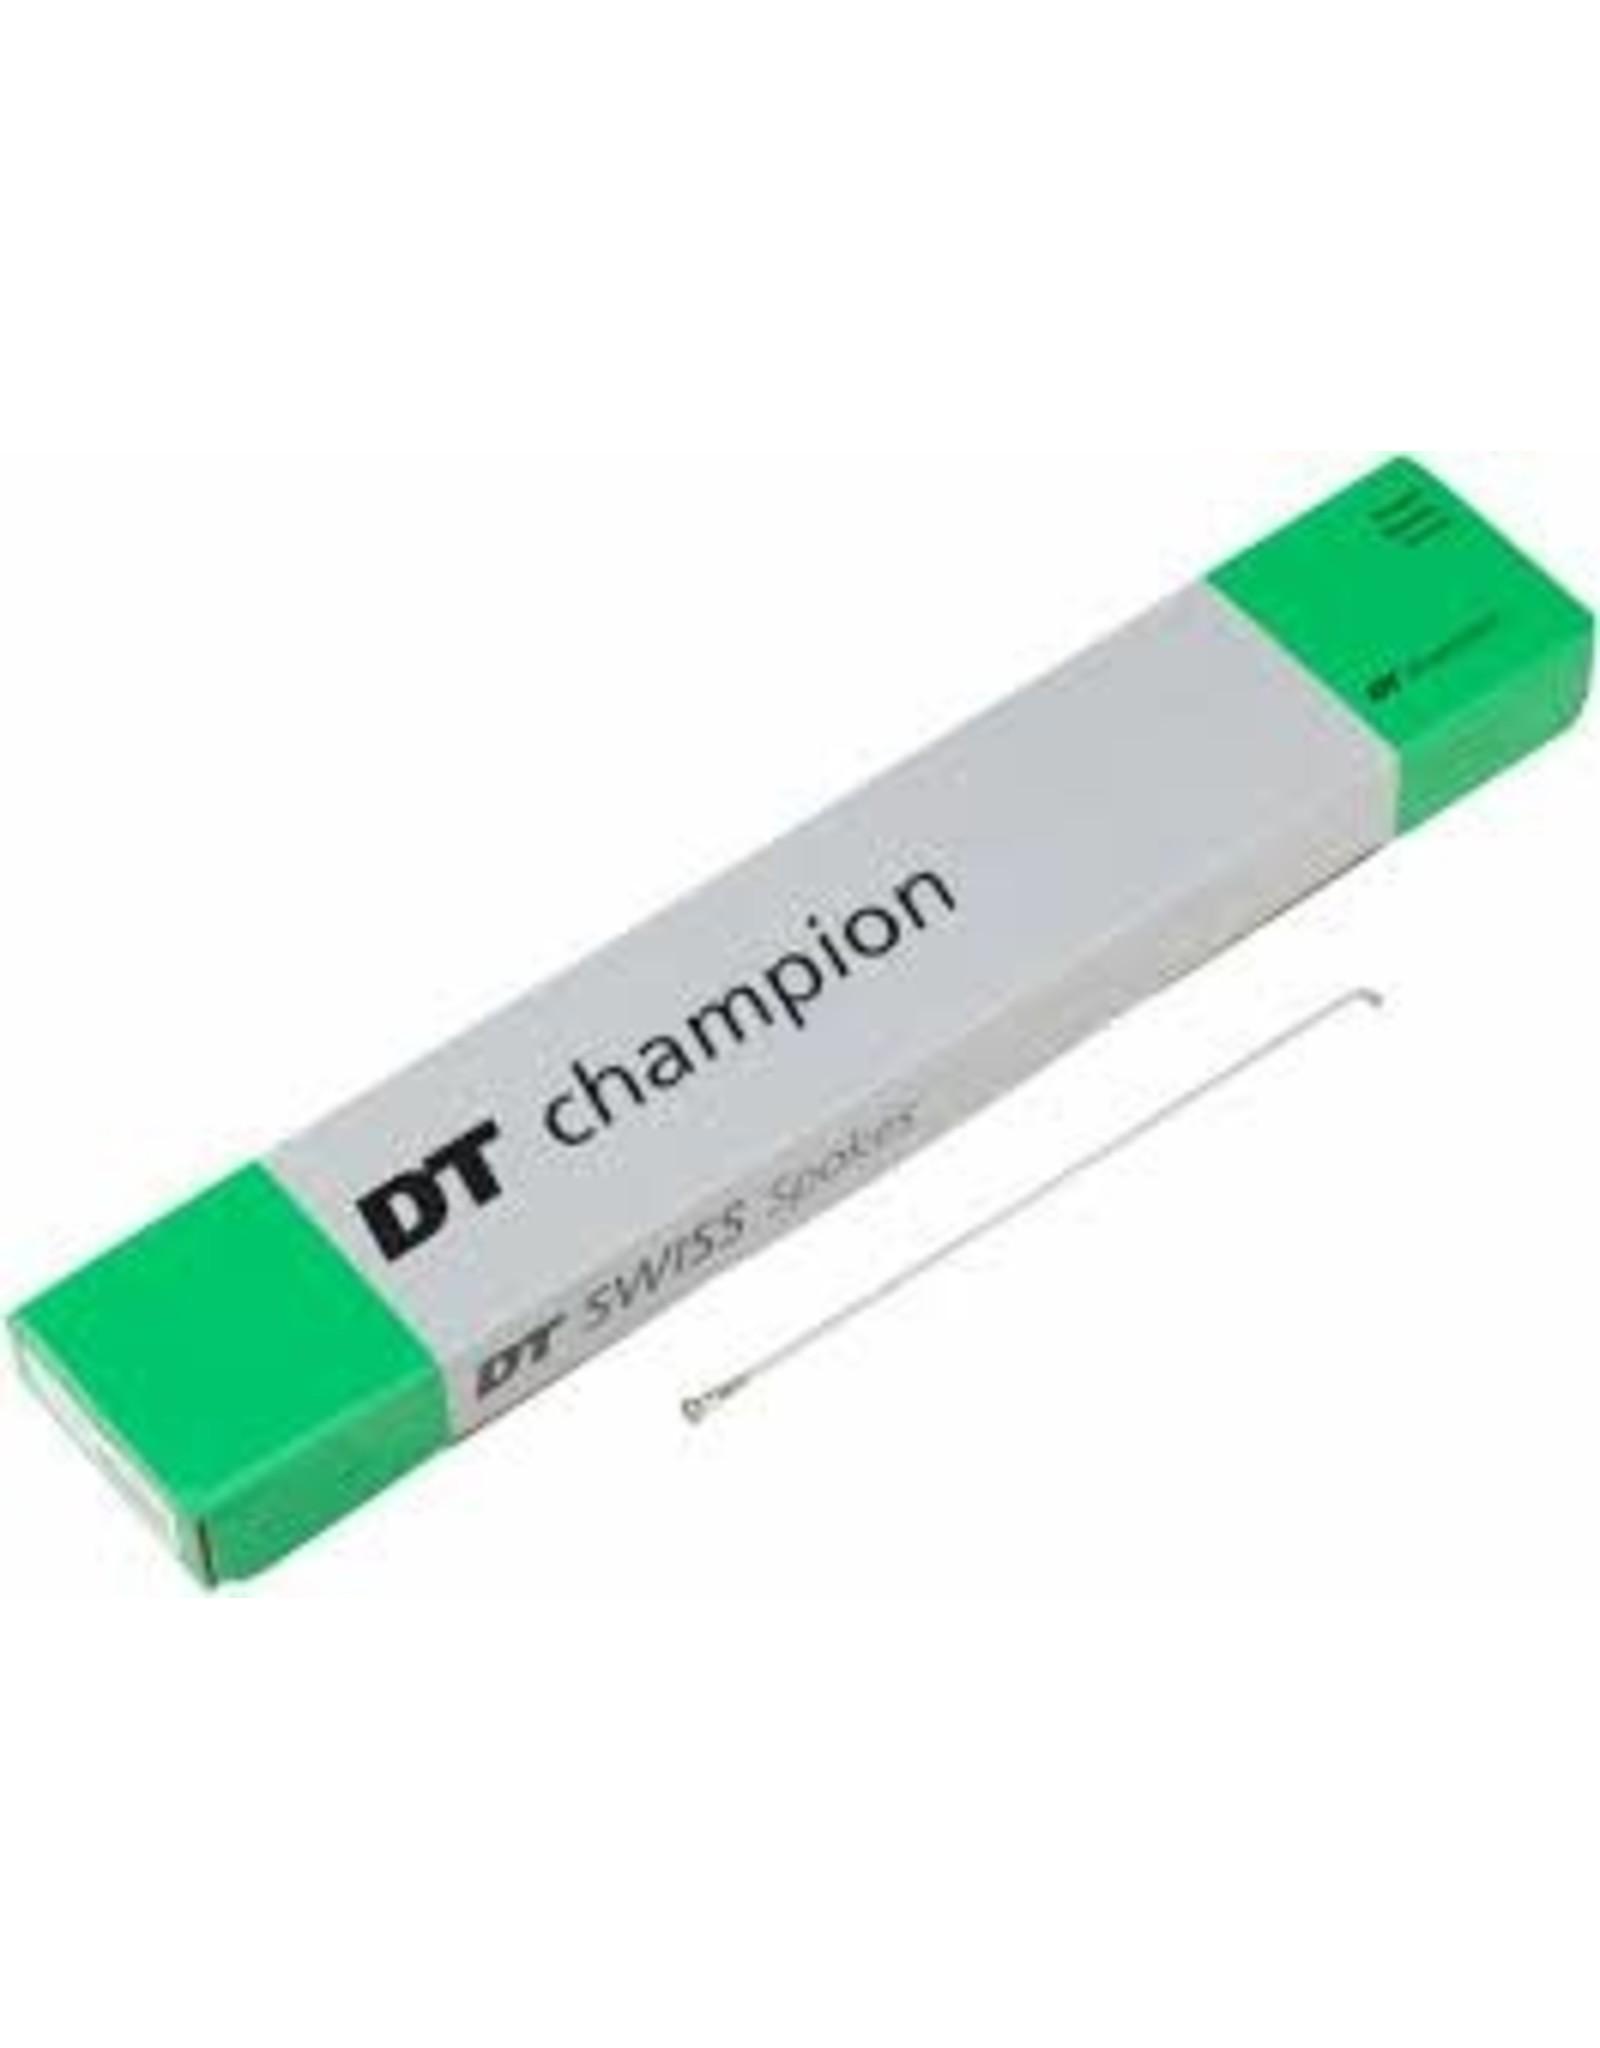 DT Swiss Spoke DT Swiss Champion 208mm J-bend Silver, Box of 100